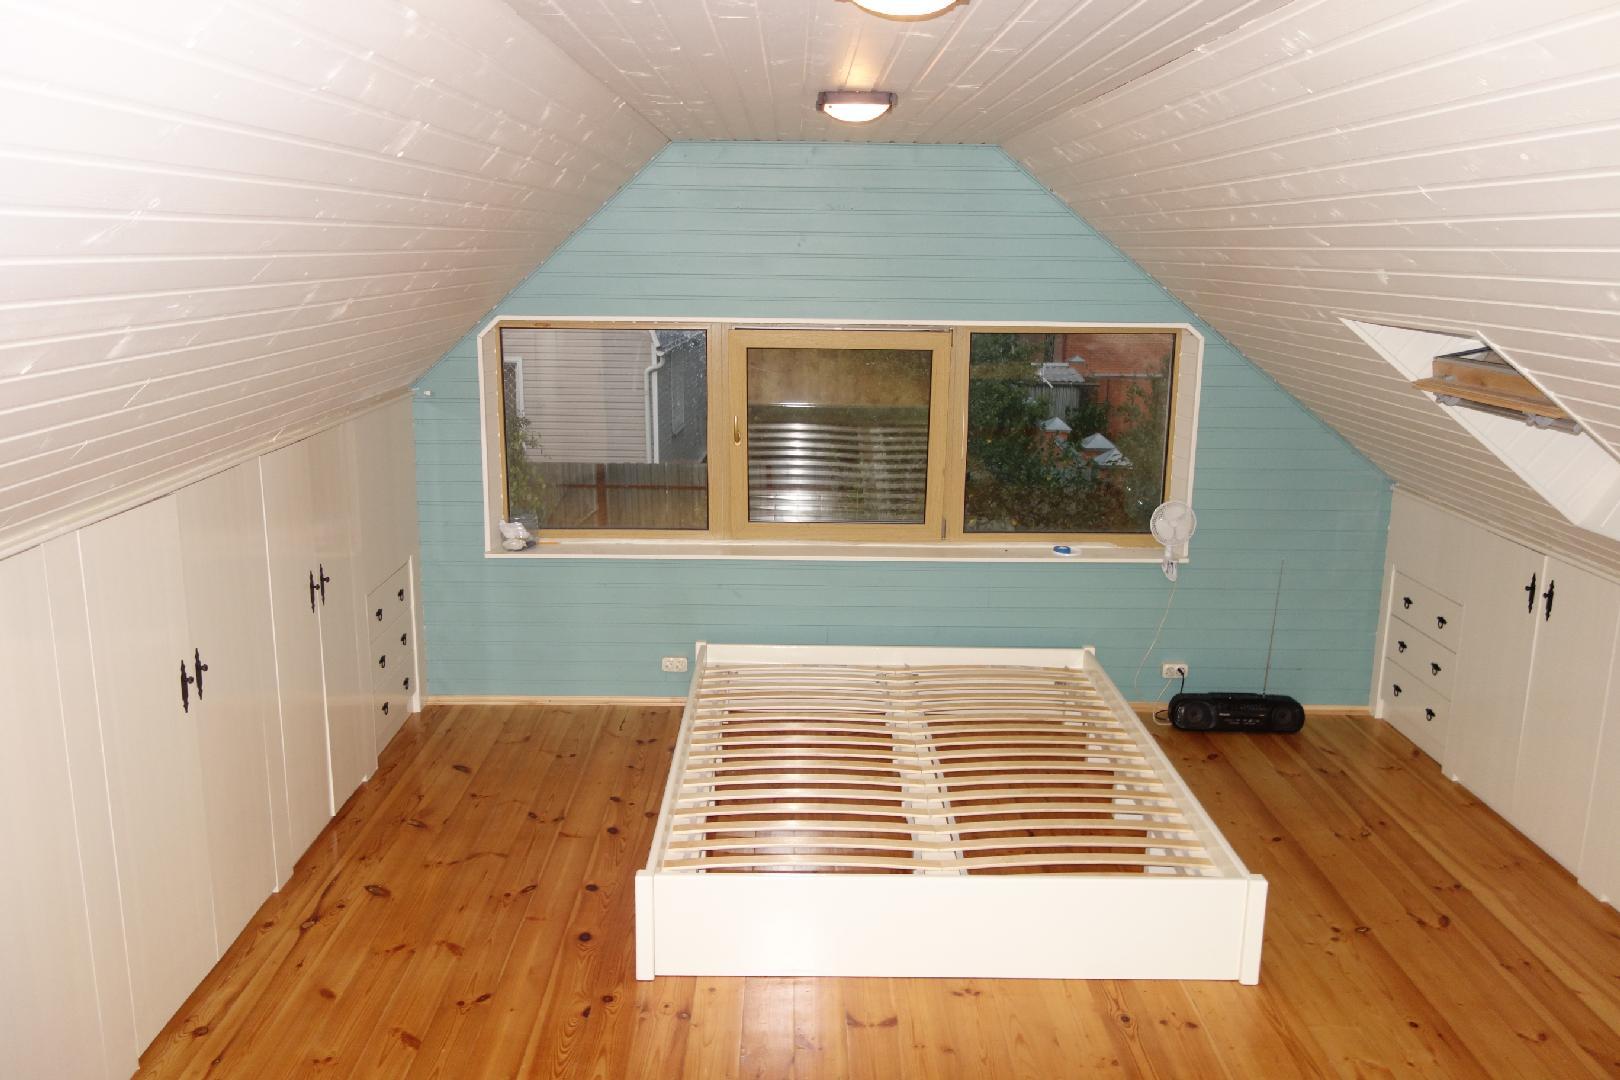 Мансардный этаж: преимущества и недостатки мансарды. особенности обустройства мансардного этажа. отделка стен и подбор мебели (фото + видео)